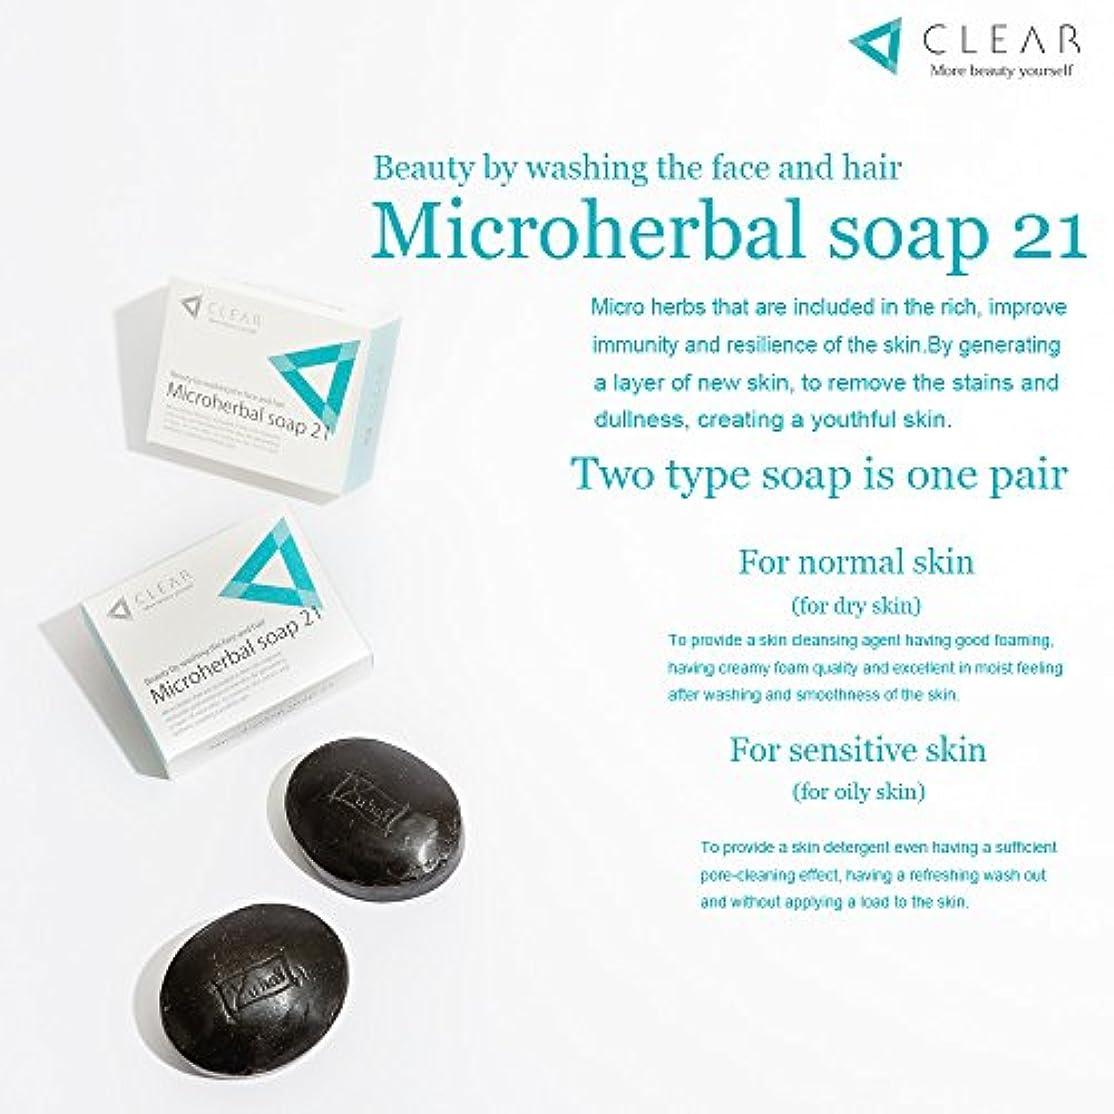 魅力不正確トリクルマイクロハーブ石鹸21?普通肌1個?敏感肌1個 合計2個(普通肌???美肌?しっとり肌のために/敏感肌???やさしくすっきり肌へ)